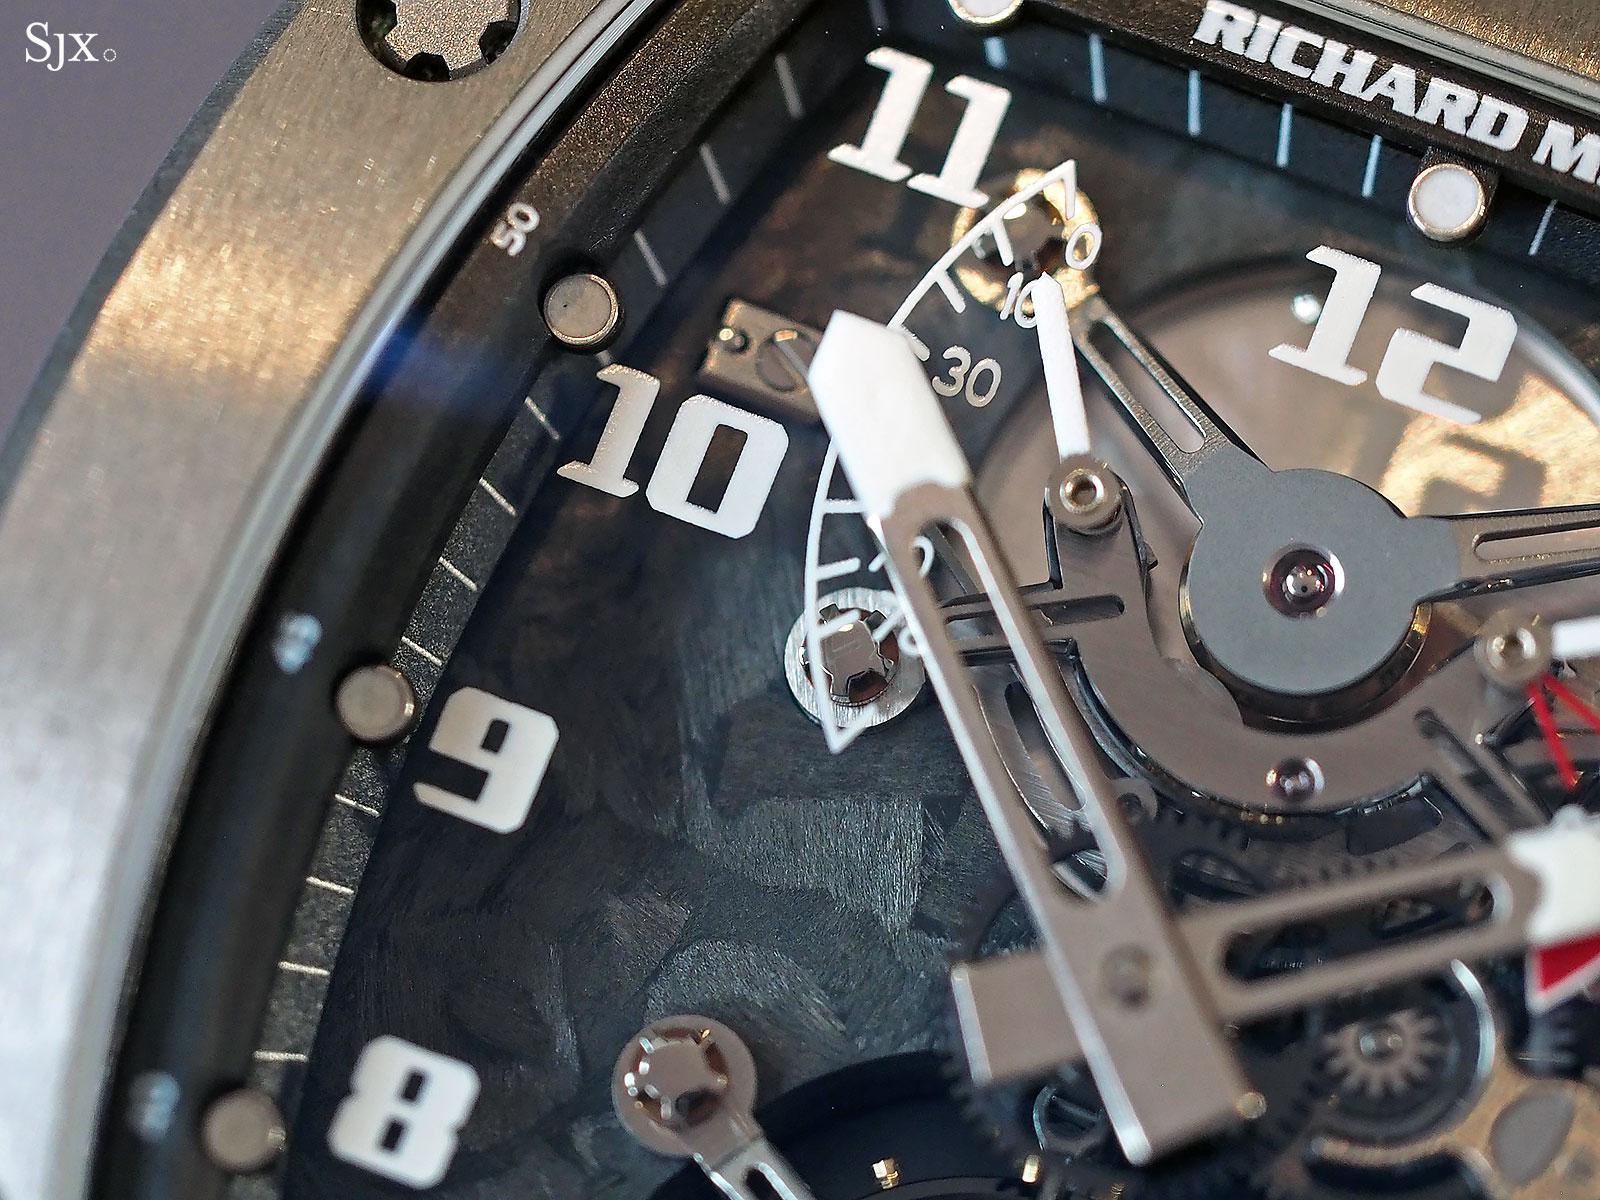 Richard Mille RM002-V2 titanium 4